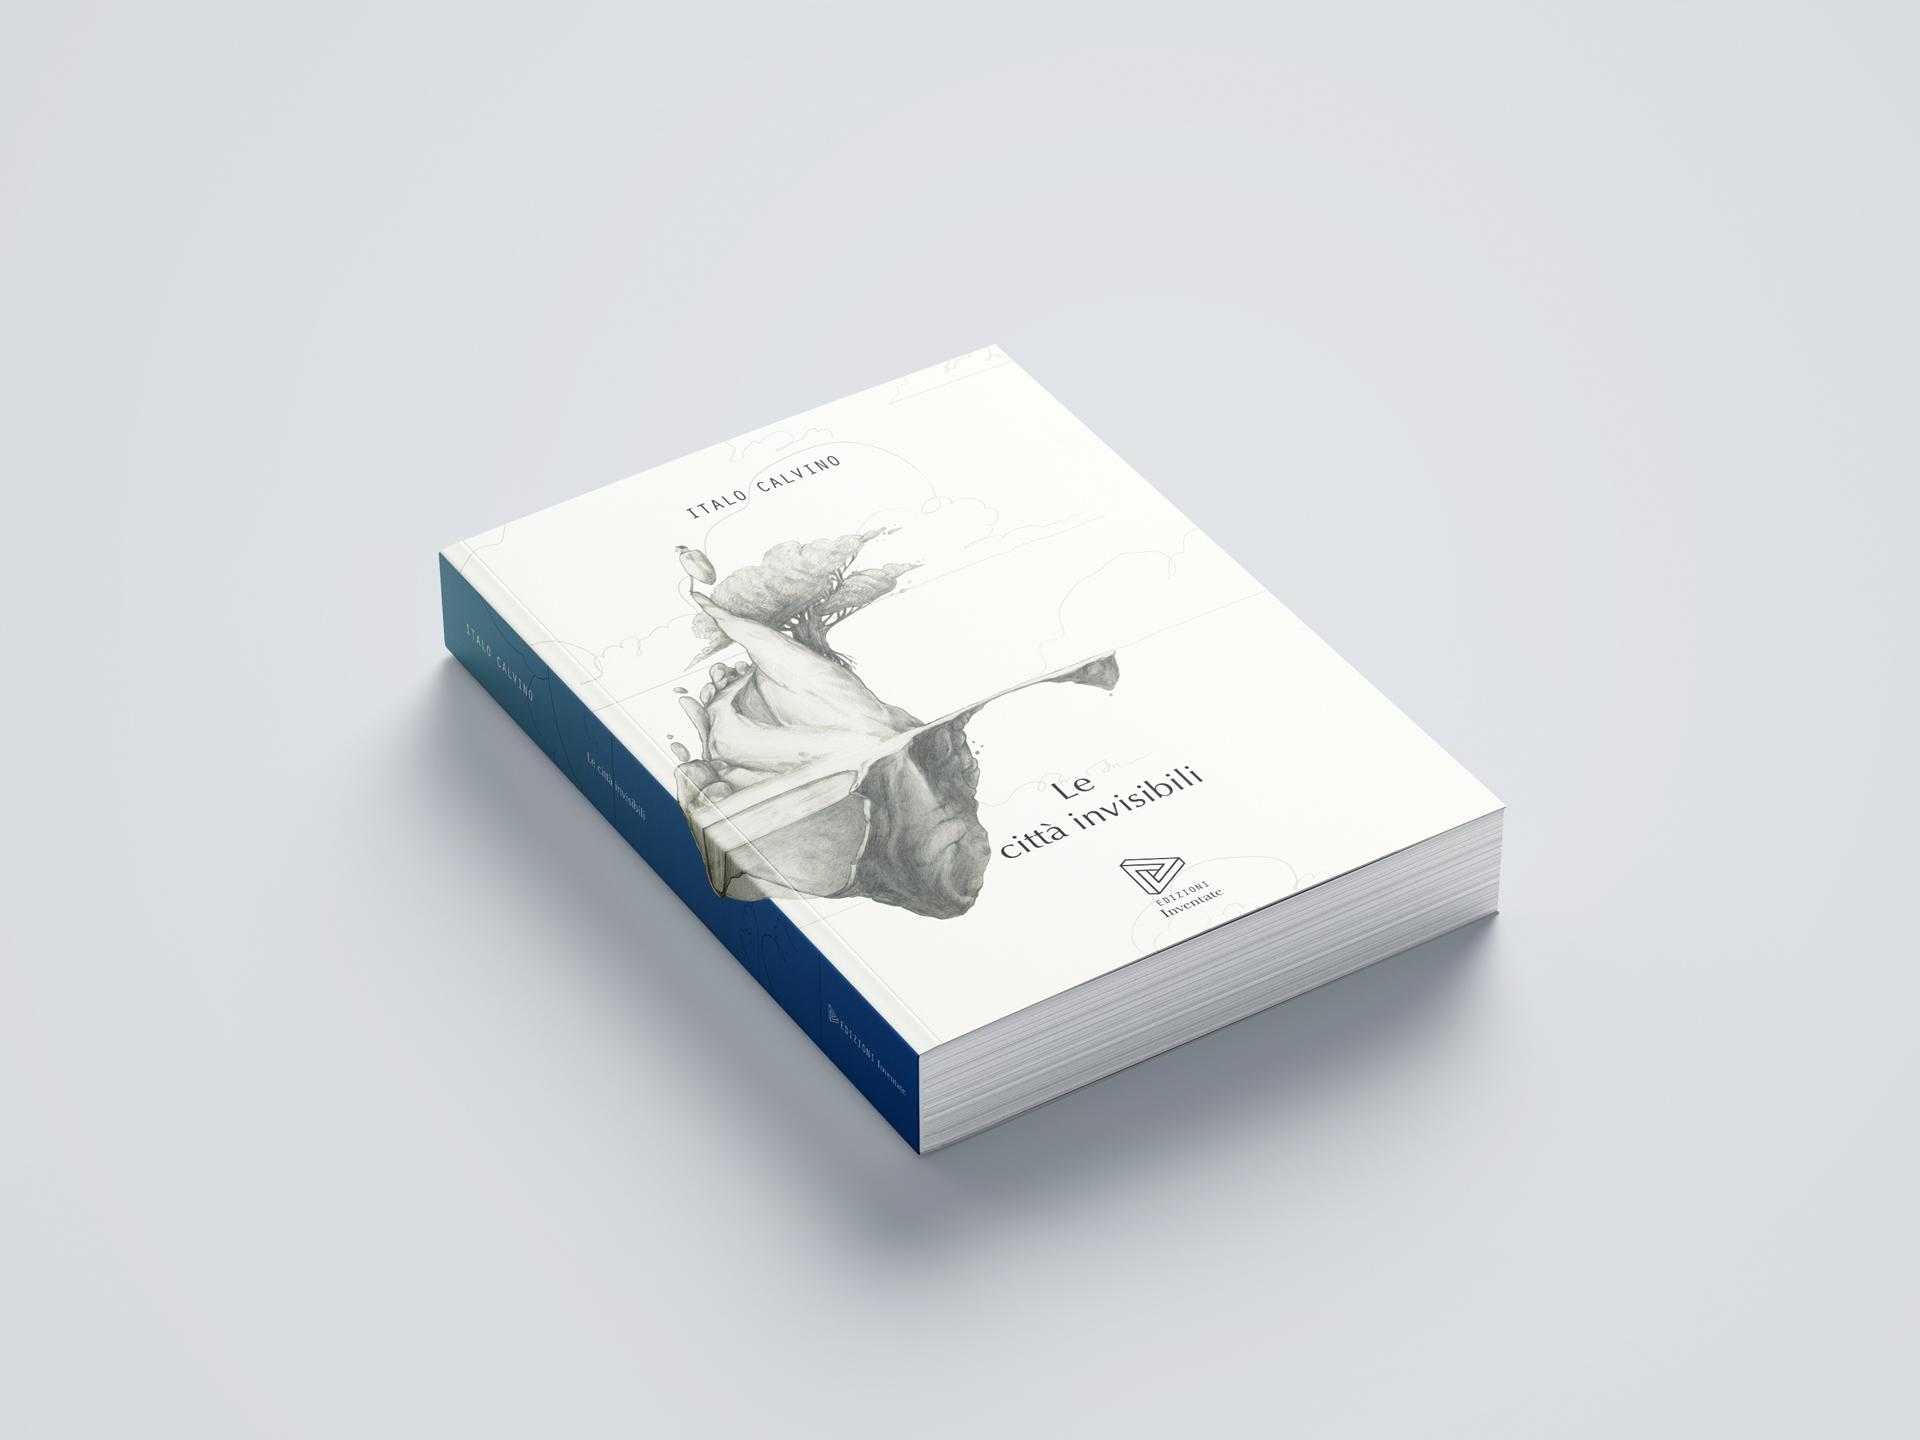 libro2-a